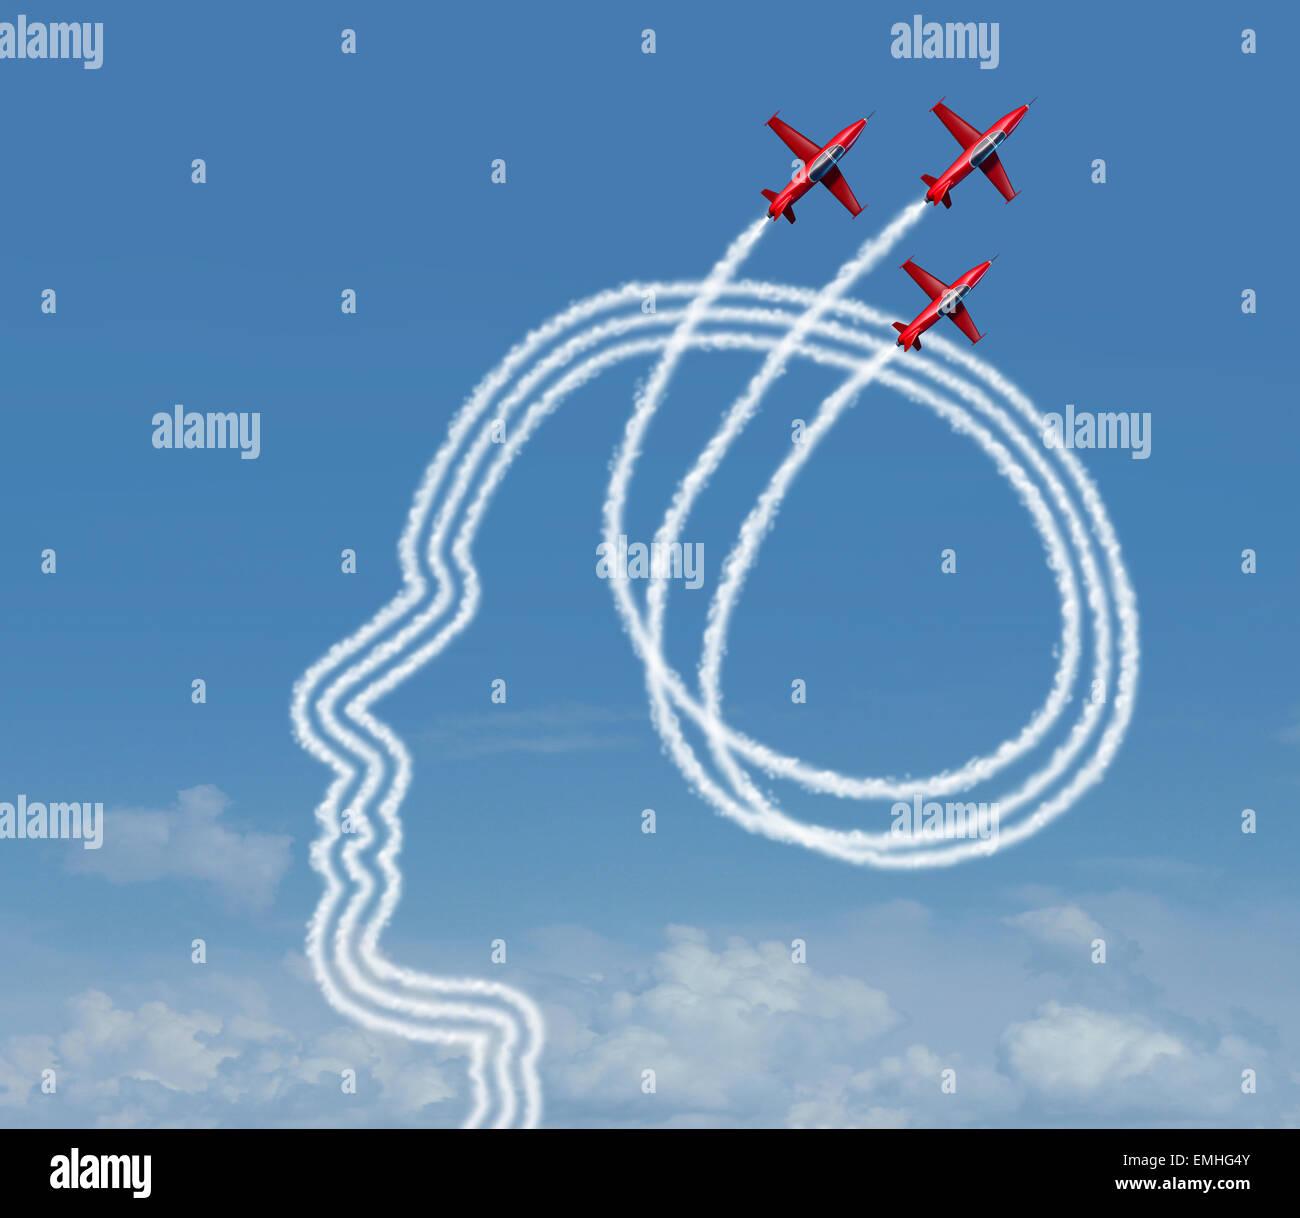 Los logros personales y aspiraciones profesionales concepto como un grupo de aviones acrobáticos de realizar Imagen De Stock